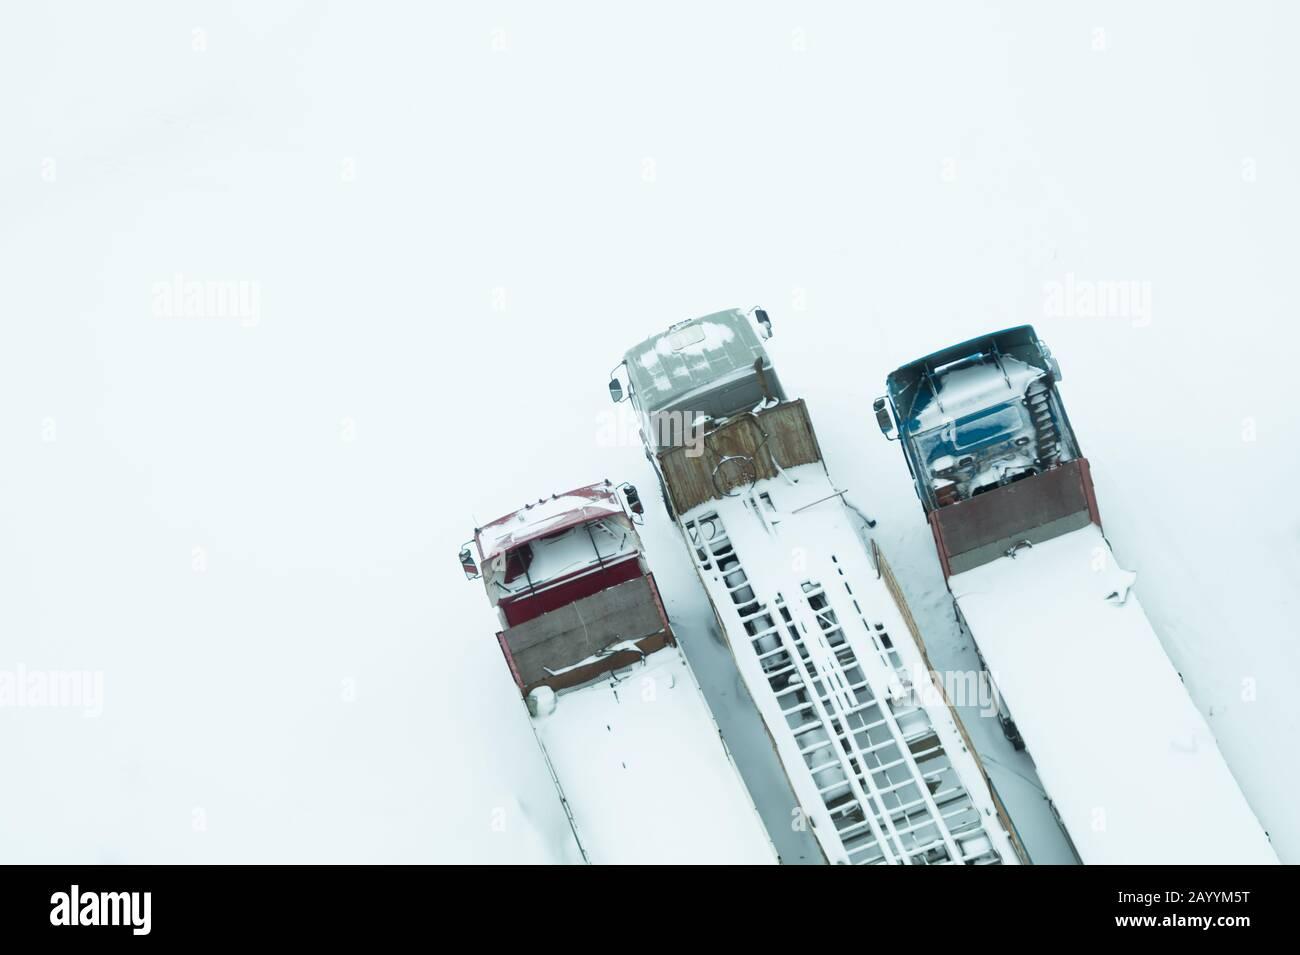 Camion sous la neige. Camion recouvert de neige après la neige. Camions longs se tiennent dans une vue de dessus de rangée. Concept de transport. Véhicules enneigés. AERI Banque D'Images